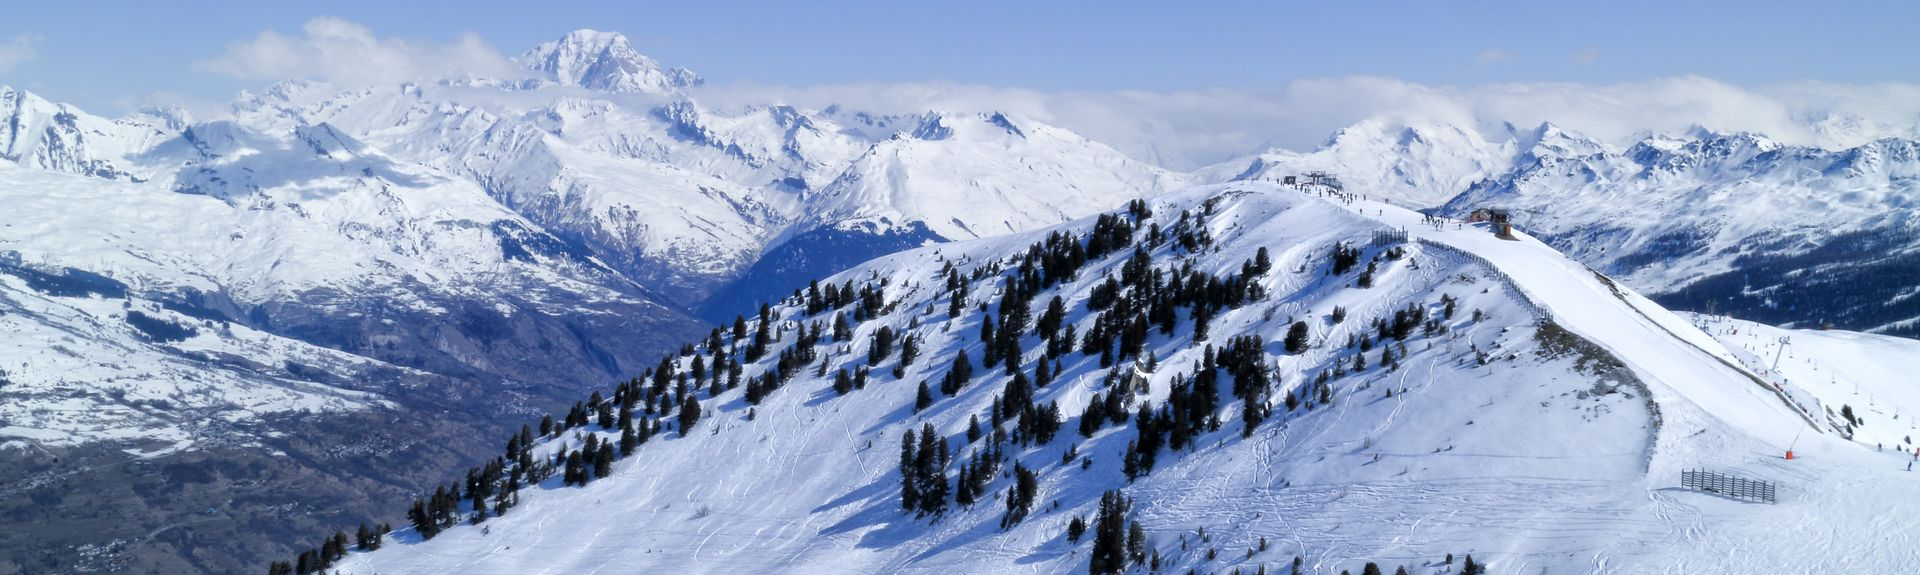 La Plagne, La Plagne-Tarentaise, Auvergne-Rhône-Alpes, Frankrike